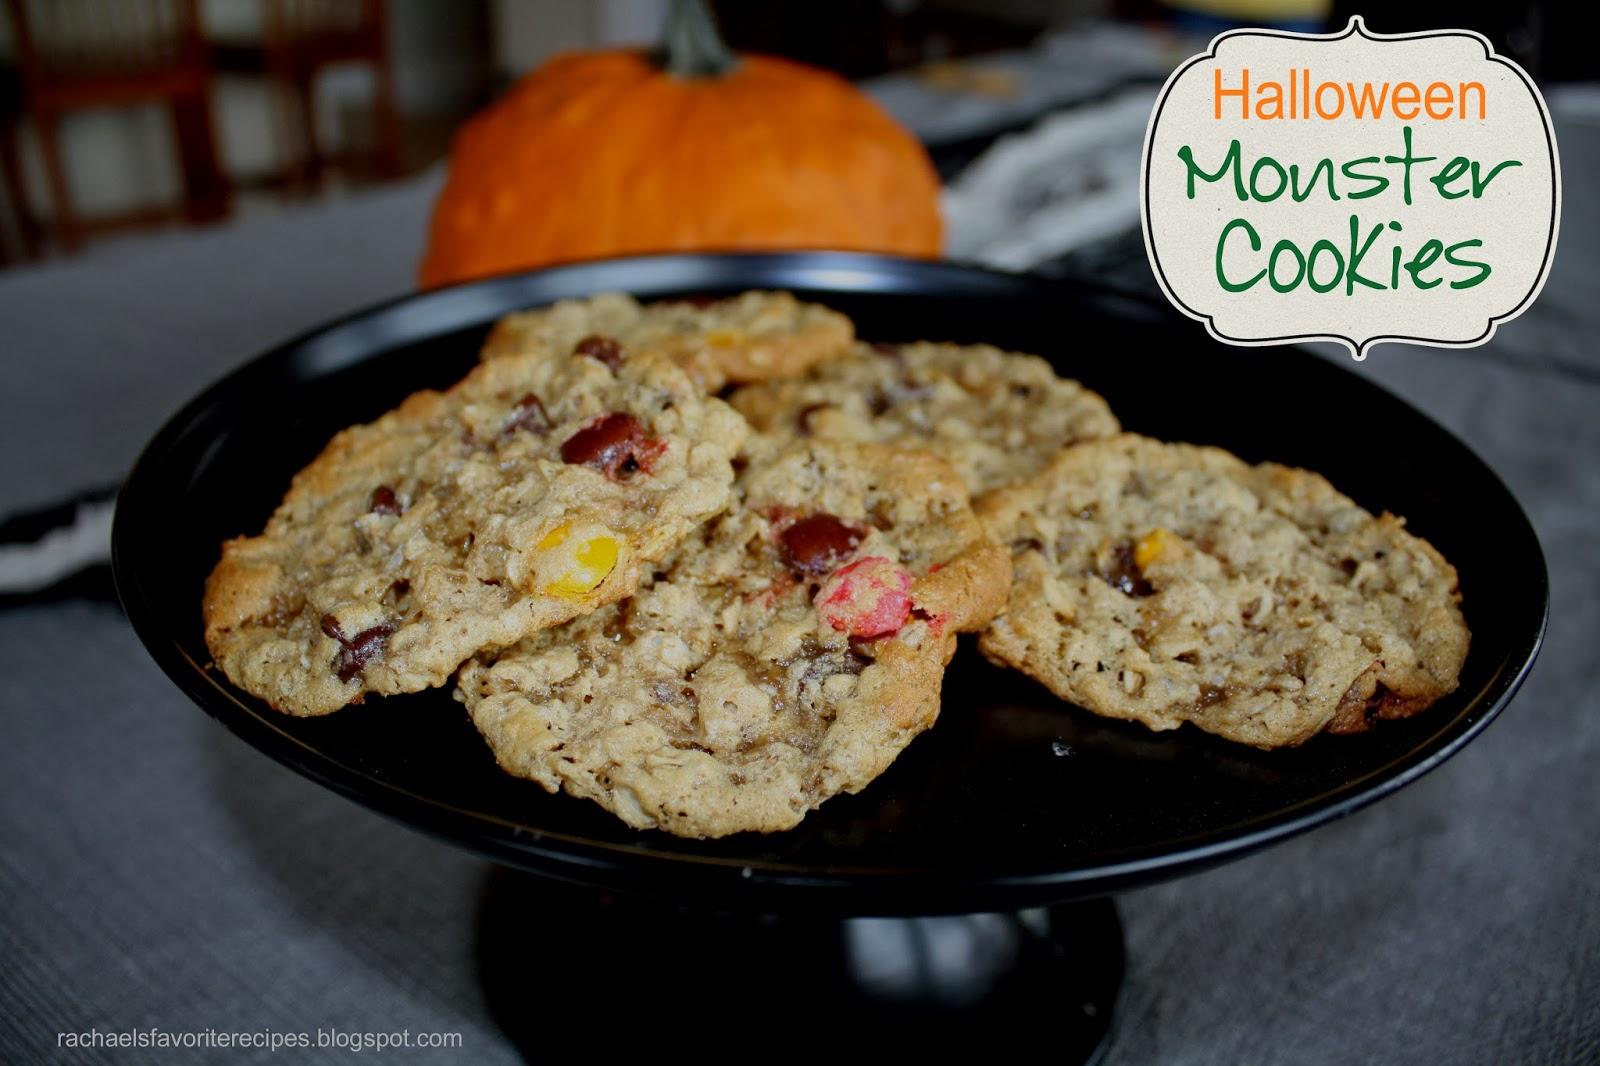 Monster Halloween Cookies: RACHAEL'S FAVORITE RECIPES: Halloween Monster Cookies